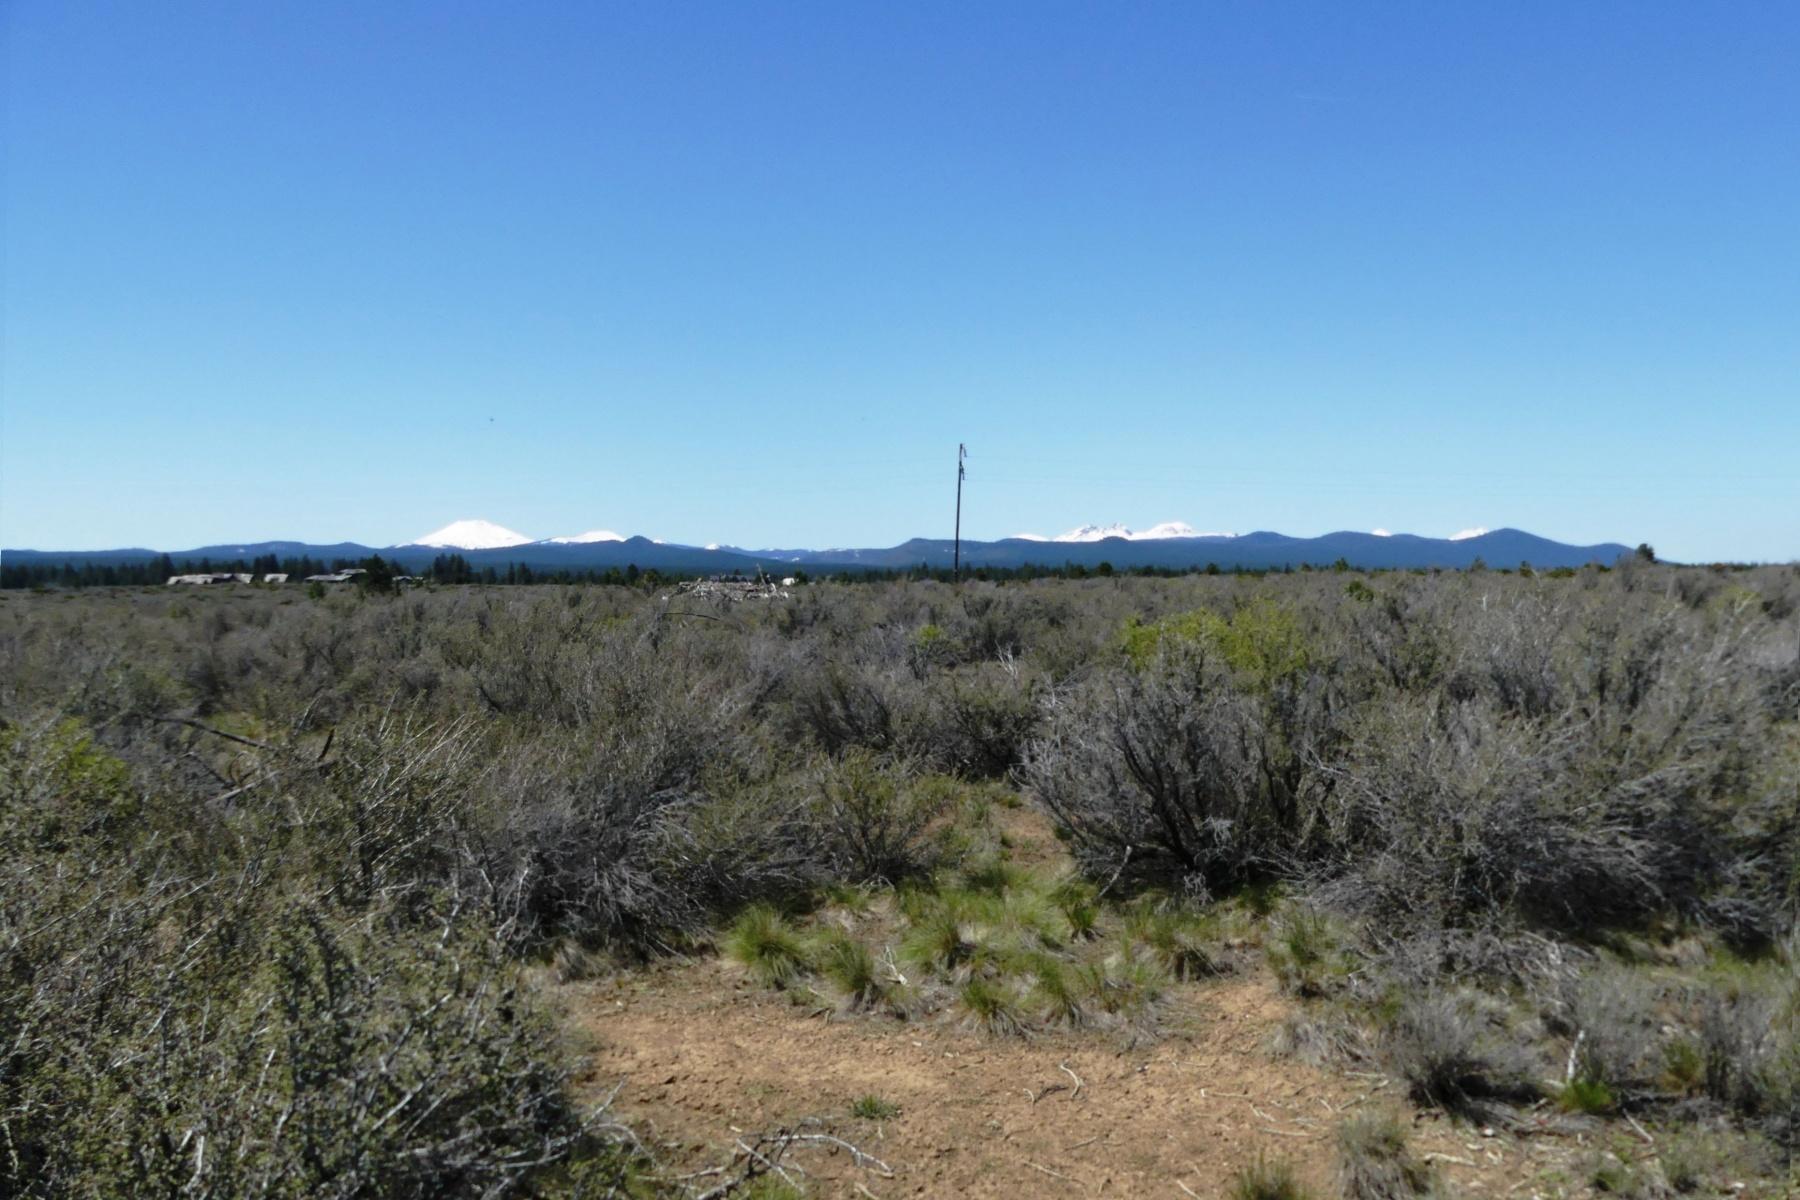 Terreno para Venda às Premium Tetherow Homesite w/ Views 61719 Hosmer Lake Dr Lot 338 Bend, Oregon, 97756 Estados Unidos